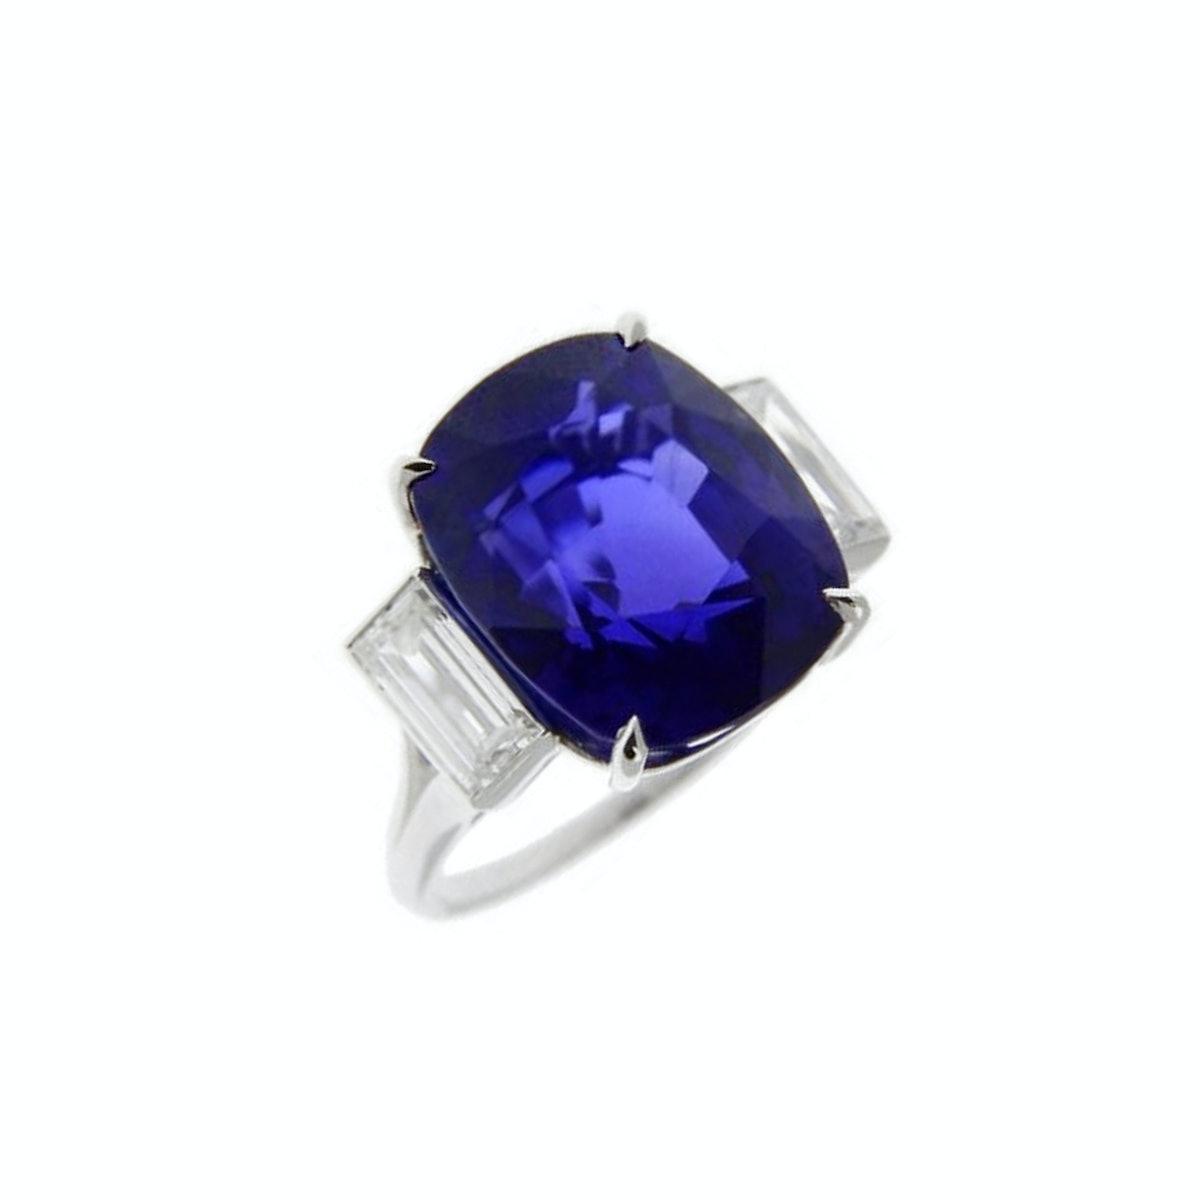 Bulgari-High-Jewelry-17.10-Carat-Sri-Lanka-Sapphire-Ring,-Price-Upon-Request,-at-1-800-BVLGARI